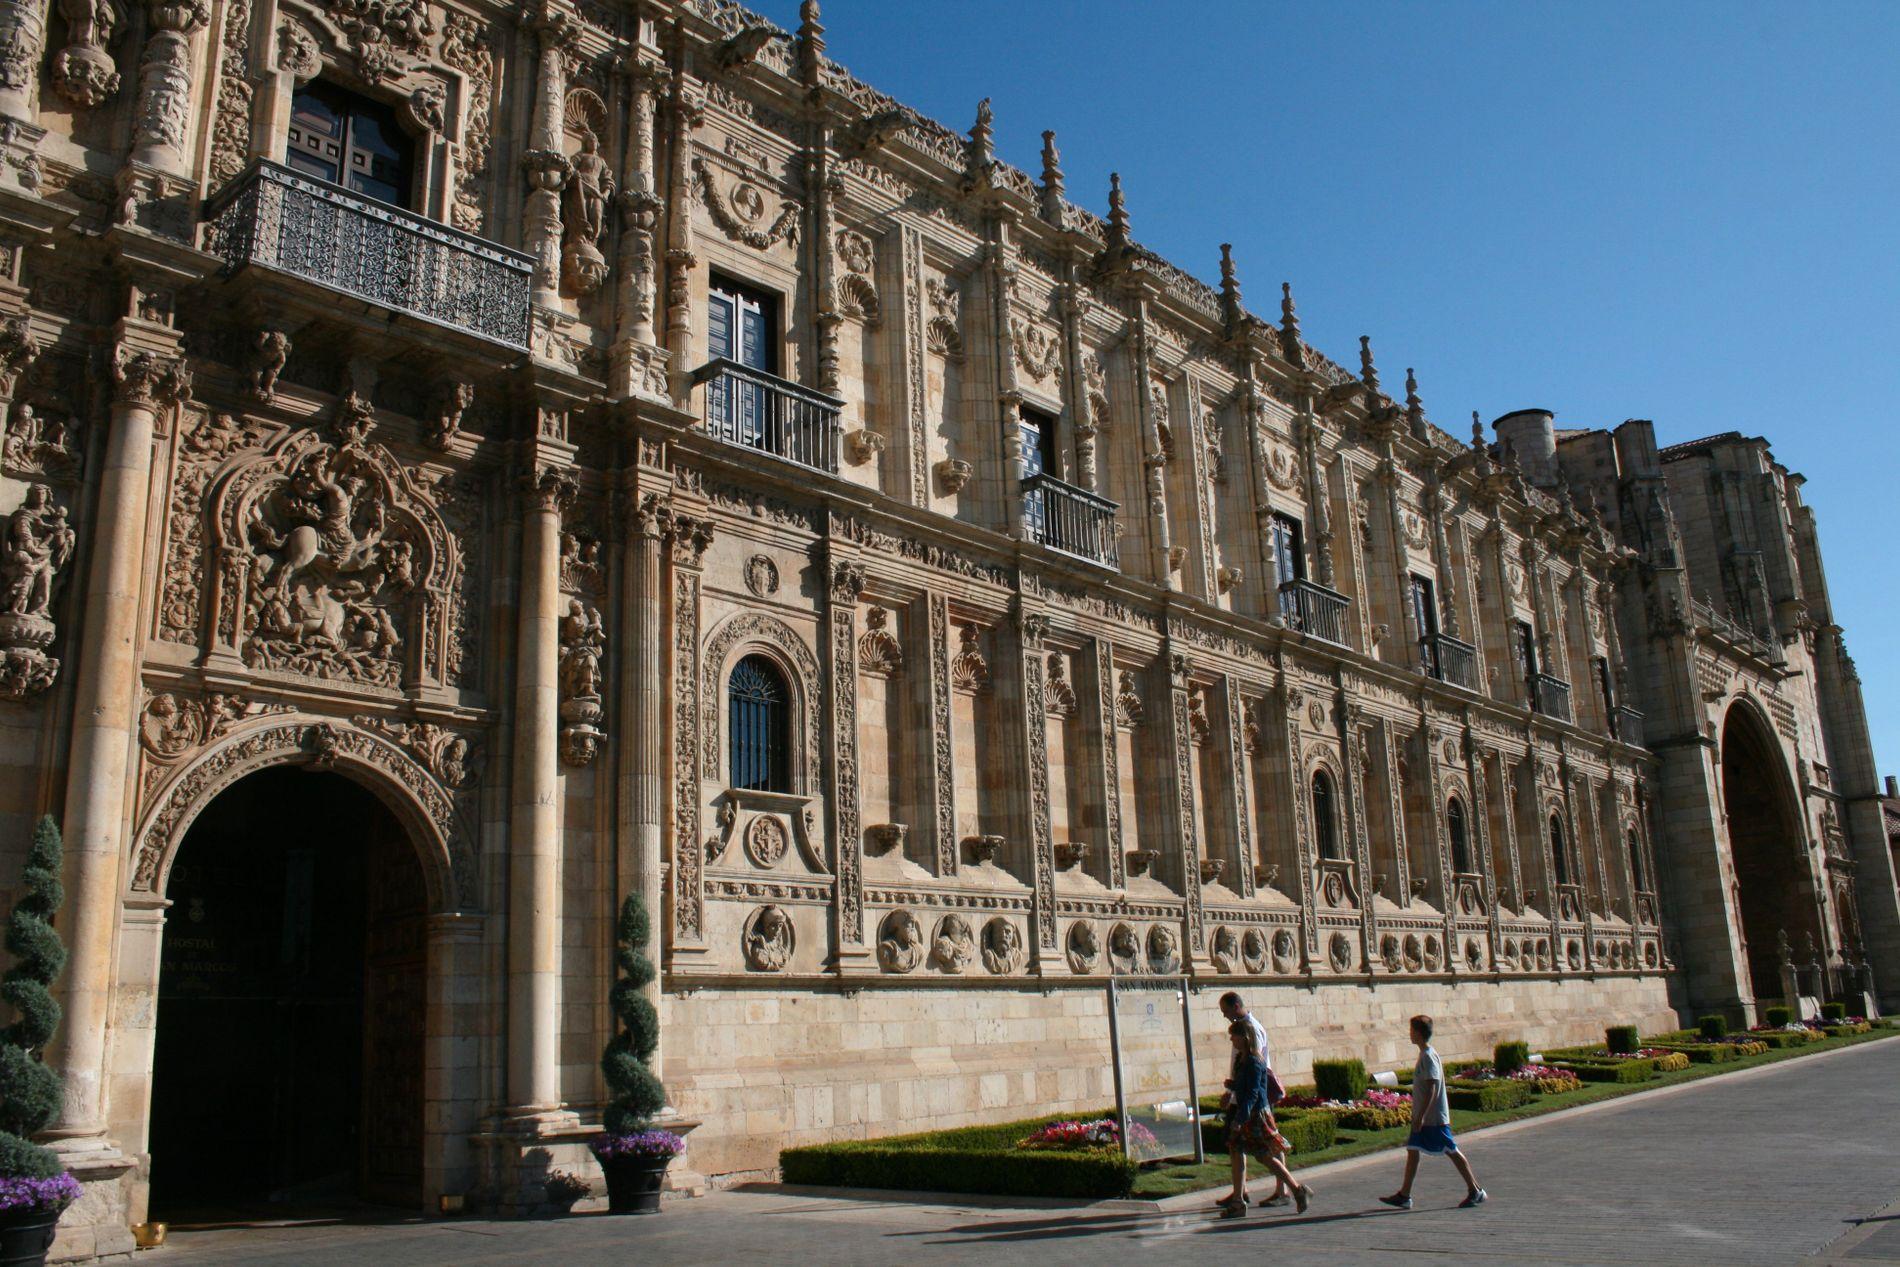 Rekordmange går Pilgrimsveien fra Santiago de Compostela i Spania. Her San Marcos-paradoren i Leon, opprinnelig et kloster fra 1200-tallet, og som i dag brukes som hotell.